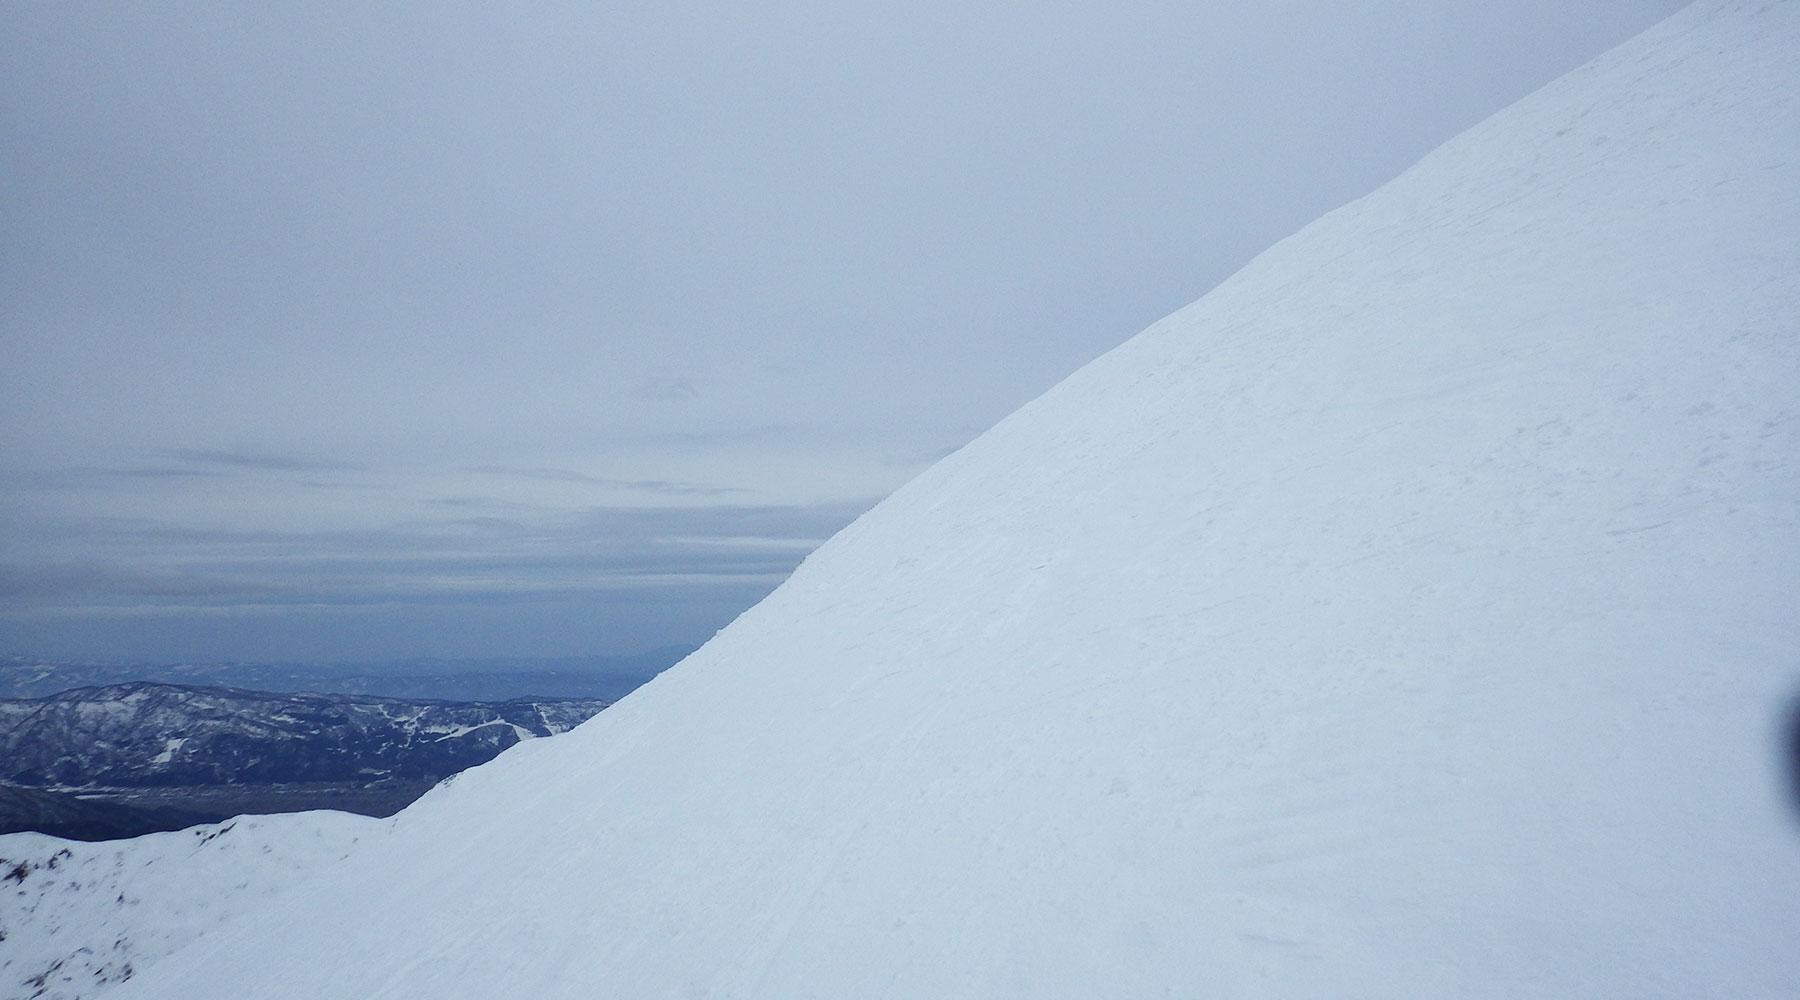 ニセ巻機山の斜面